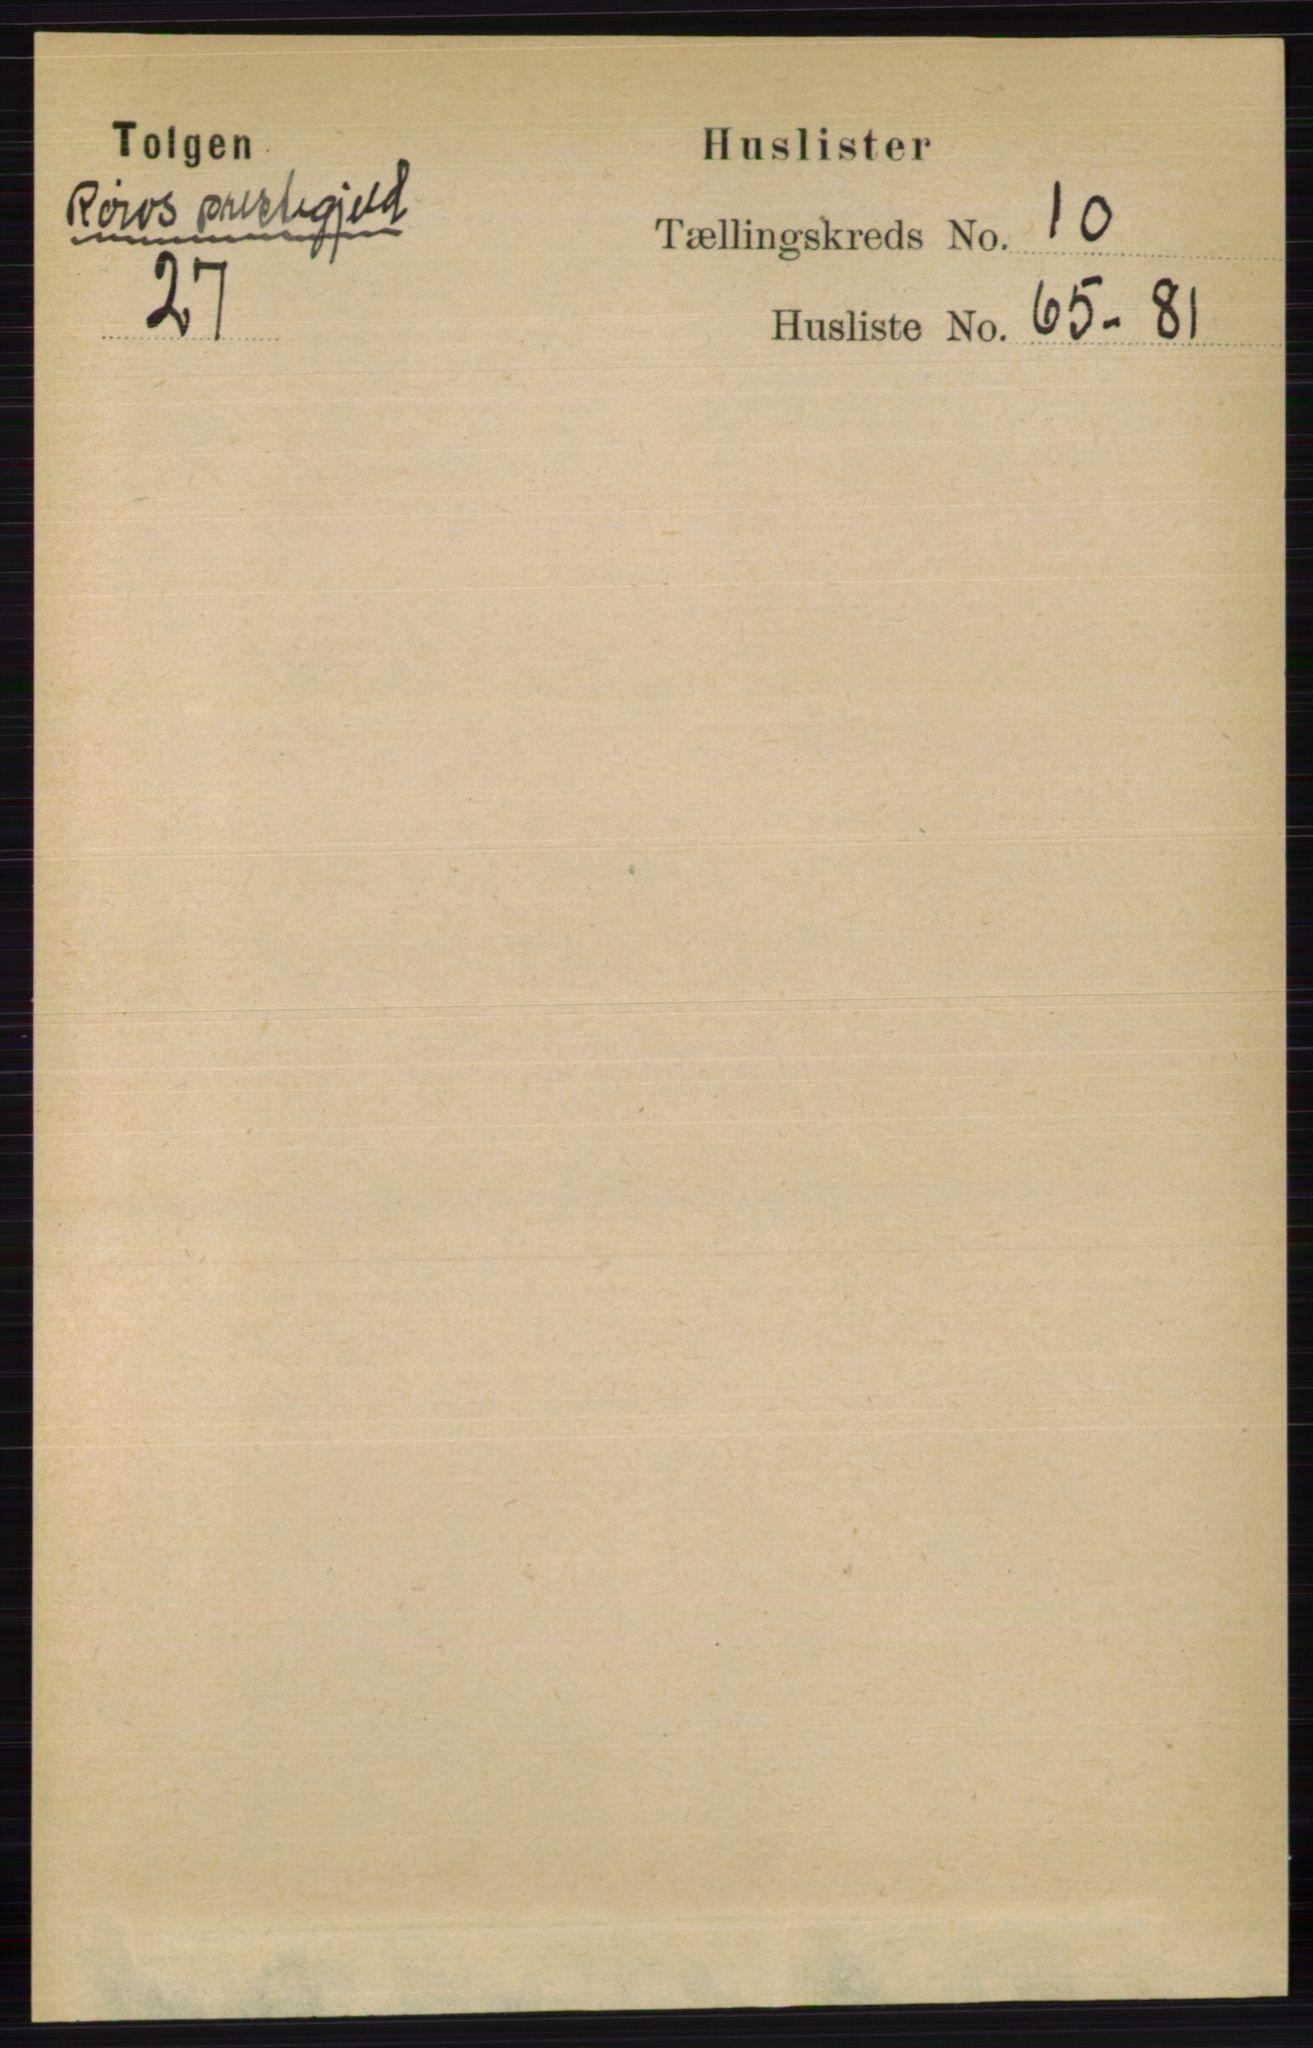 RA, Folketelling 1891 for 0436 Tolga herred, 1891, s. 3027